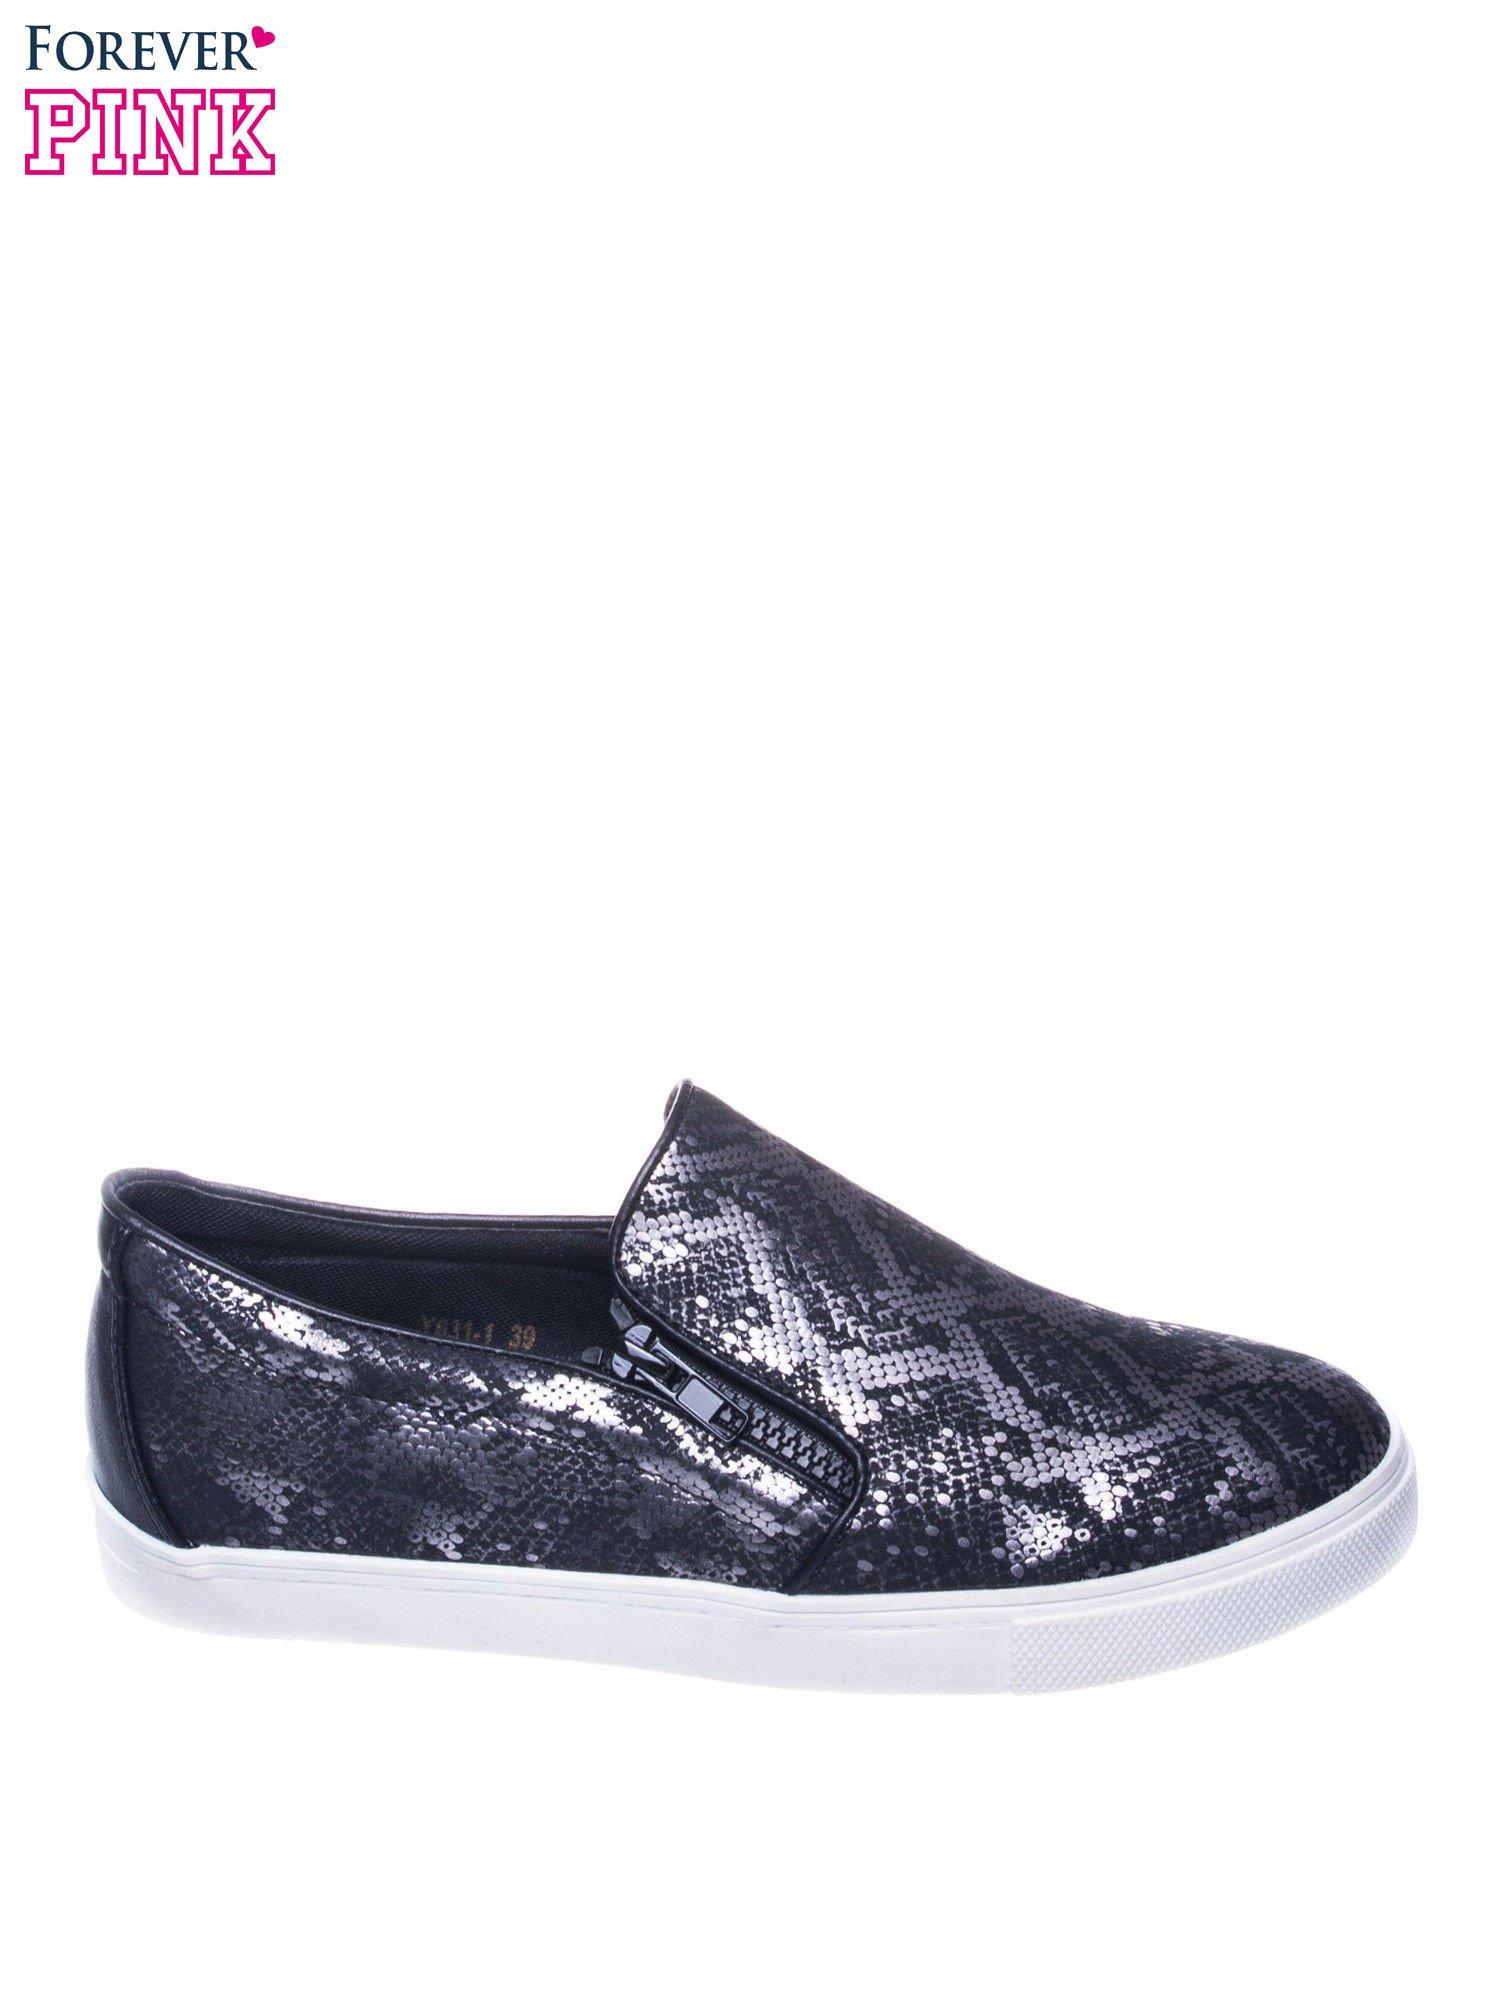 Czarne buty slip on Katie ze skóry węża                                  zdj.                                  1